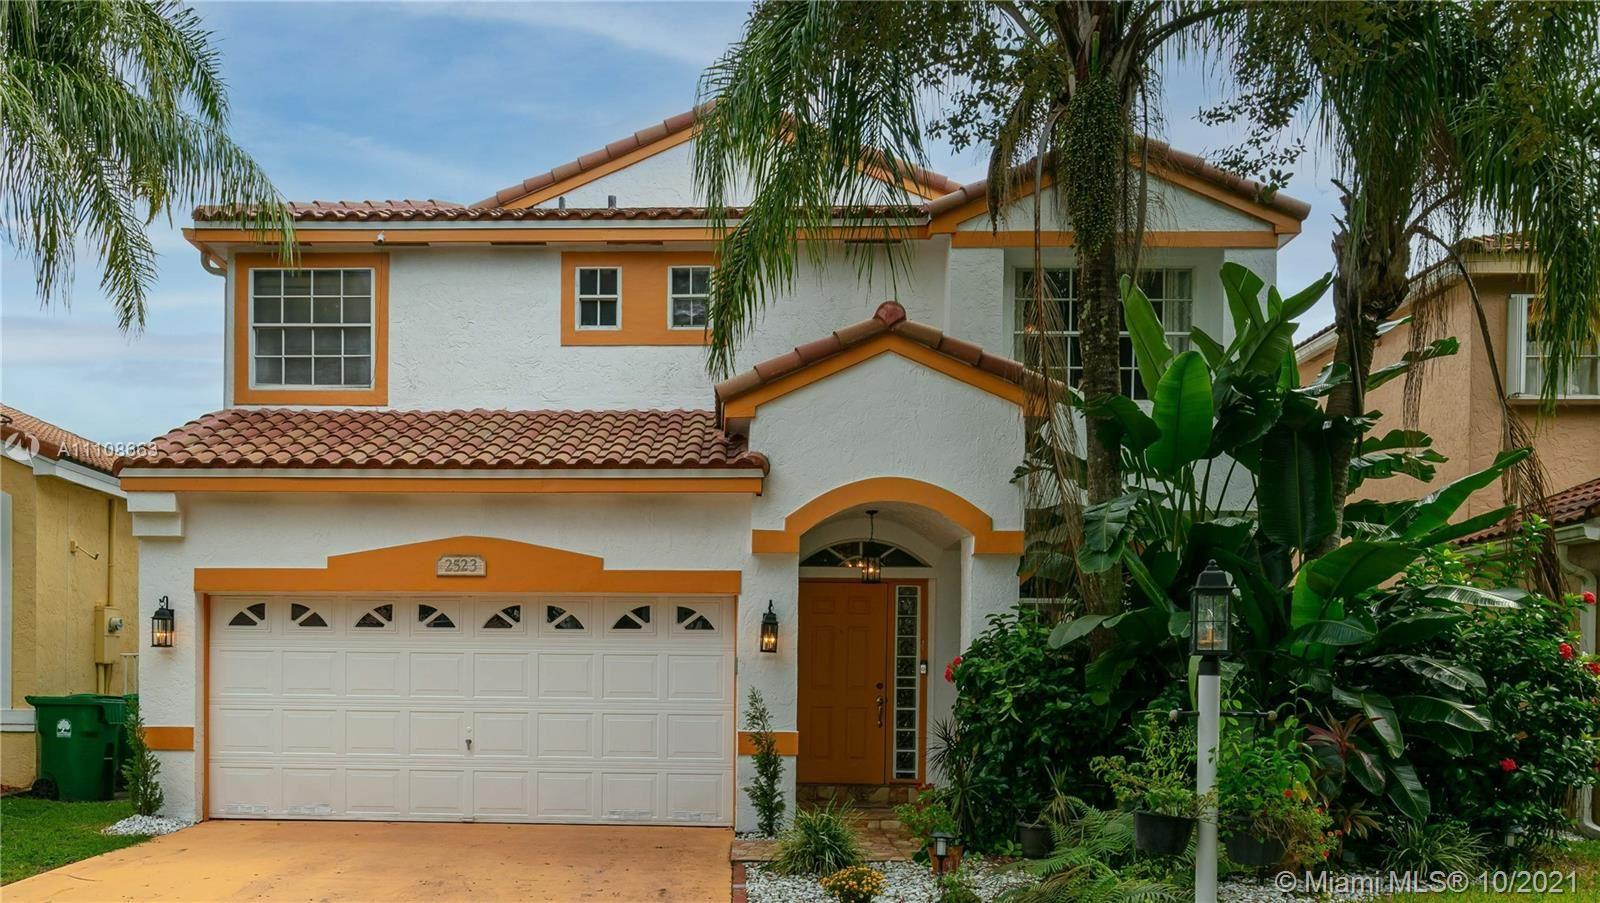 2523 Ambassador Ave, Cooper City, FL 33026 - #: A11108663